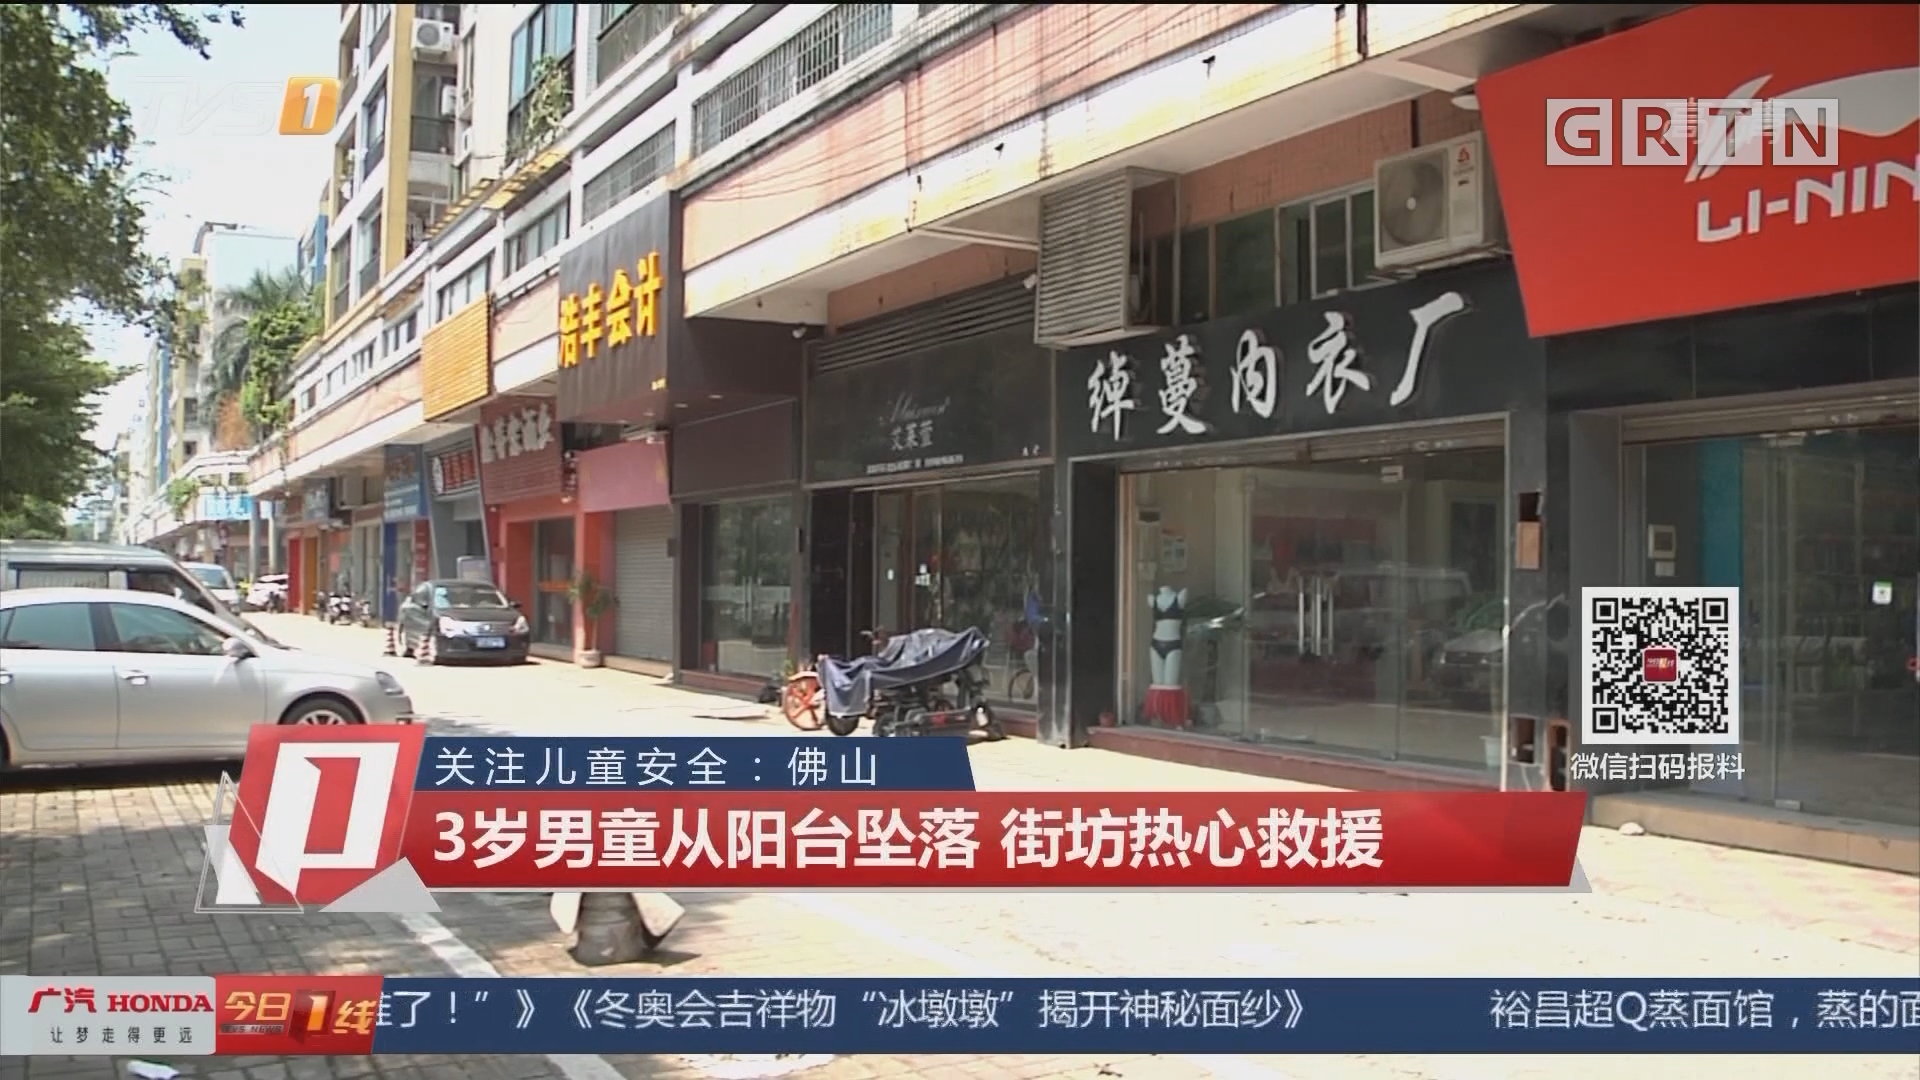 关注儿童安全:佛山 3岁男童从阳台坠落 街坊热心救援